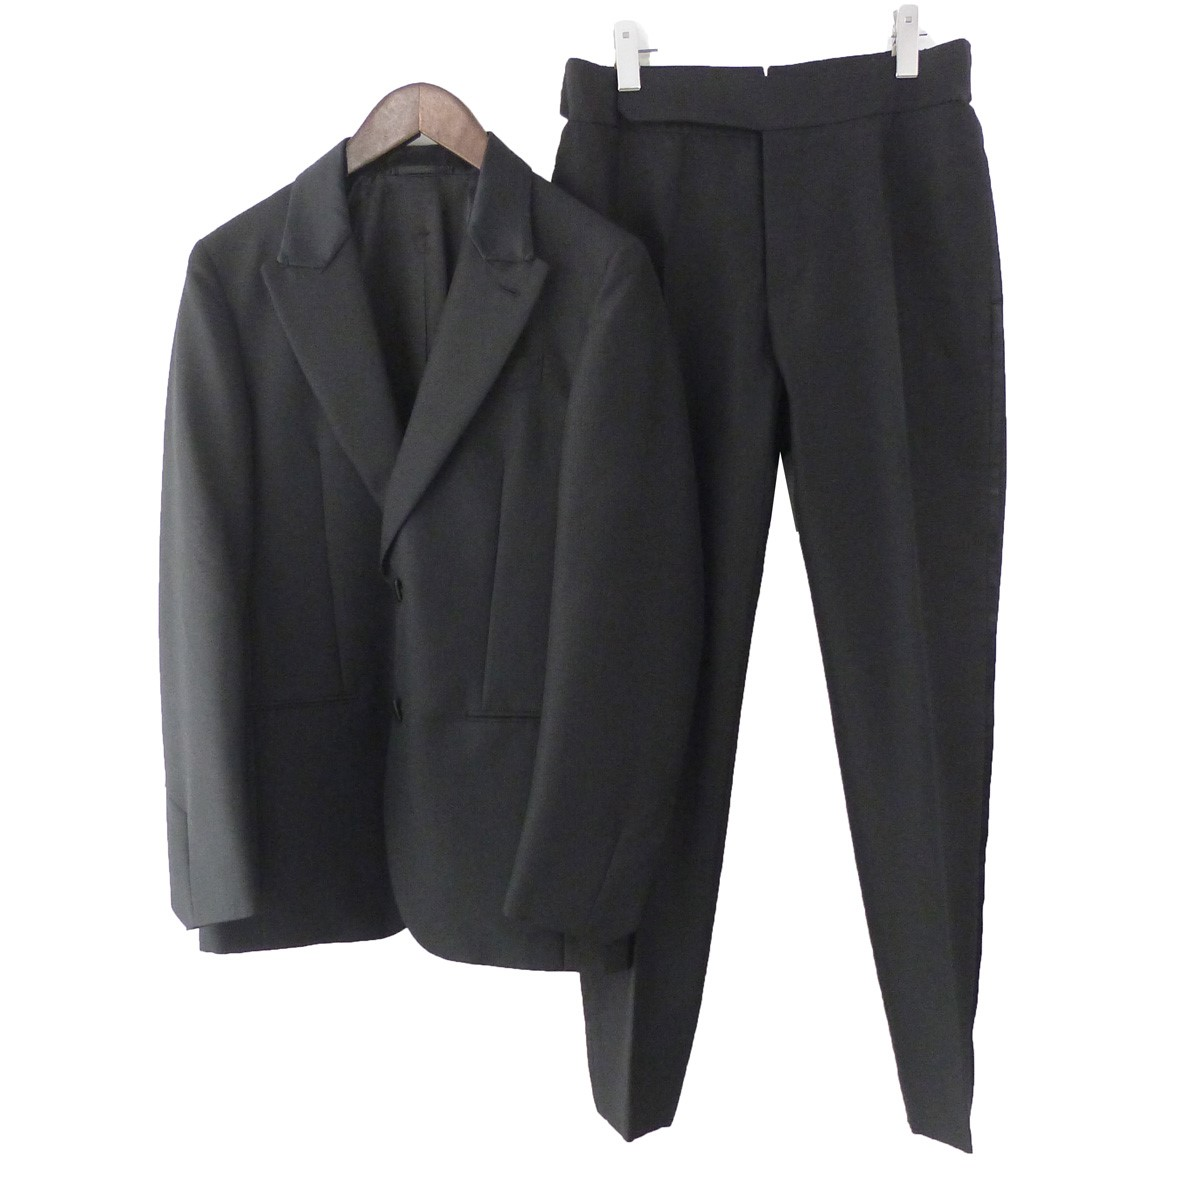 【中古】Berluti ピークドラペル2Bセットアップスーツ ブラック サイズ:44/44 【010420】(ベルルッティ)